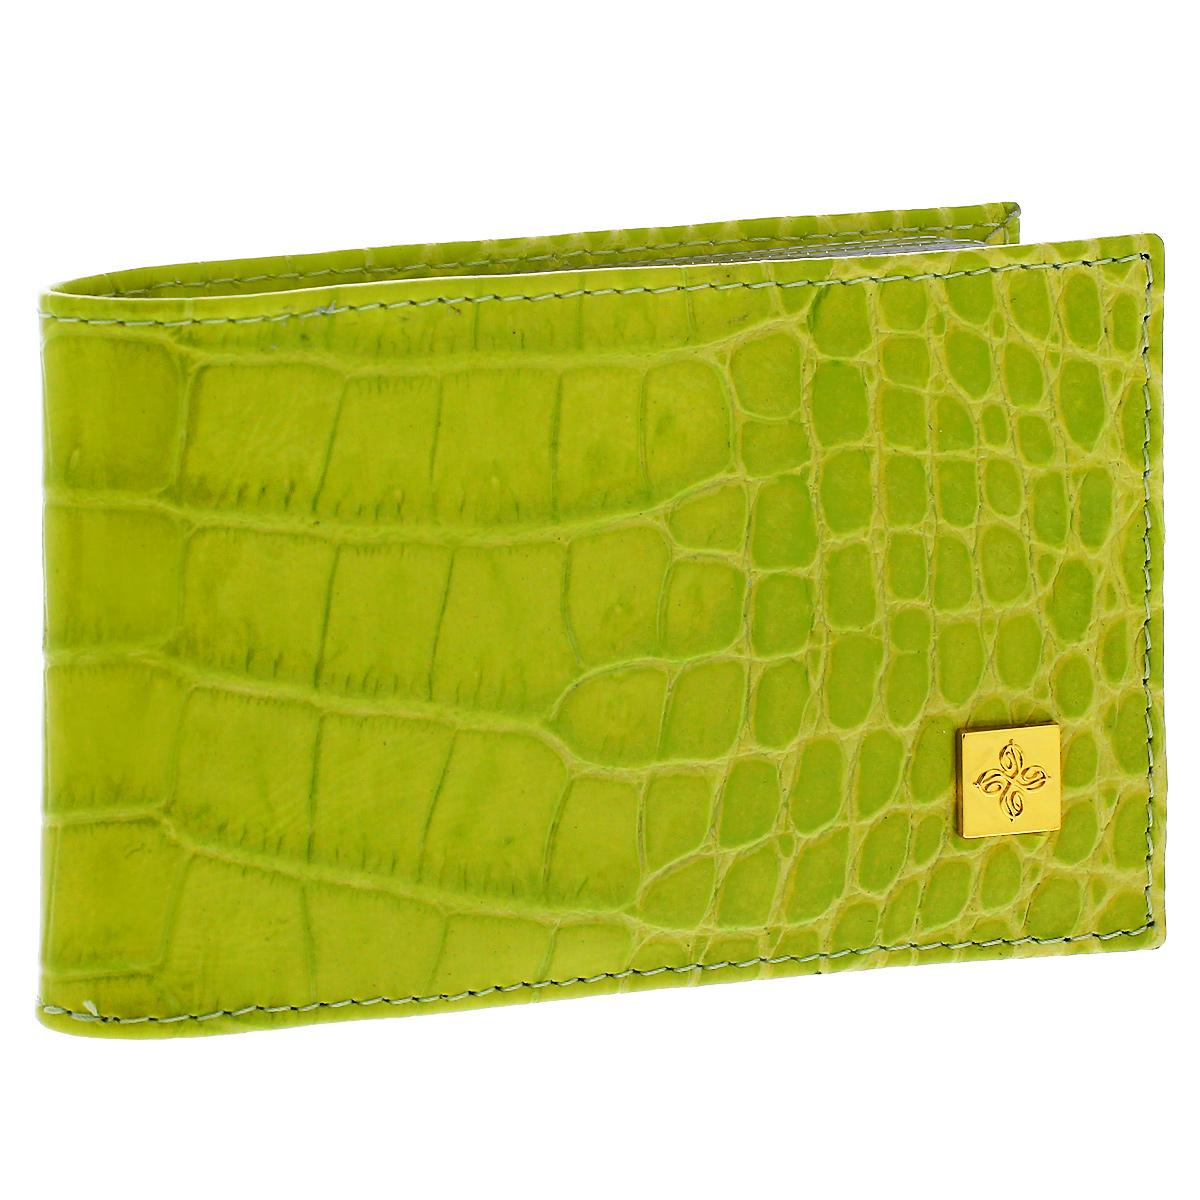 Визитница Dimanche Lime, цвет: лаймовый. 394INT-06501Визитница Lime - это стильный аксессуар, который не только сохранит визитки и кредитные карты в порядке, но и, благодаря своему строгому дизайну и высокому качеству исполнения, блестяще подчеркнет тонкий вкус своего обладателя. Визитница выполнена из натуральной высококачественной кожи с декоративным тиснением и содержит внутри съемный блок из 16 прозрачных пластиковых вкладышей, рассчитанных на 32 визитки.Визитница Lime станет великолепным подарком ценителю современных практичных вещей. Изделие упаковано в фирменную коробку из картона. Характеристики:Материал: натуральная кожа, пленка ПВХ, металл. Цвет: лаймовый. Размер визитницы: 10,5 см х 6,5 см х 1,5 см.